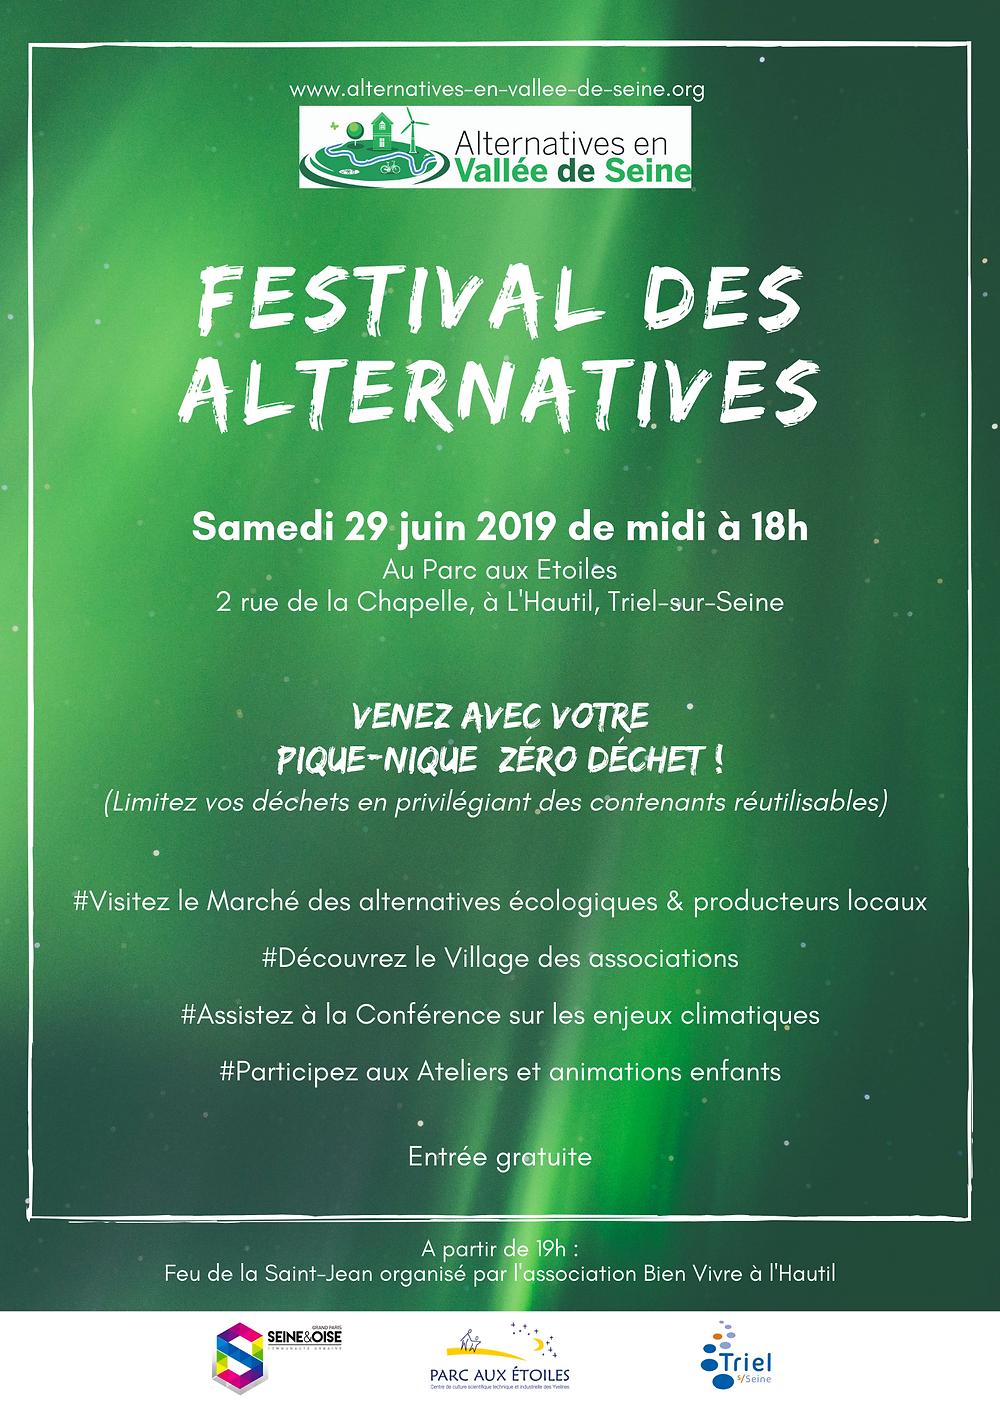 Festival des Alternatives à Triel-sur-Seine